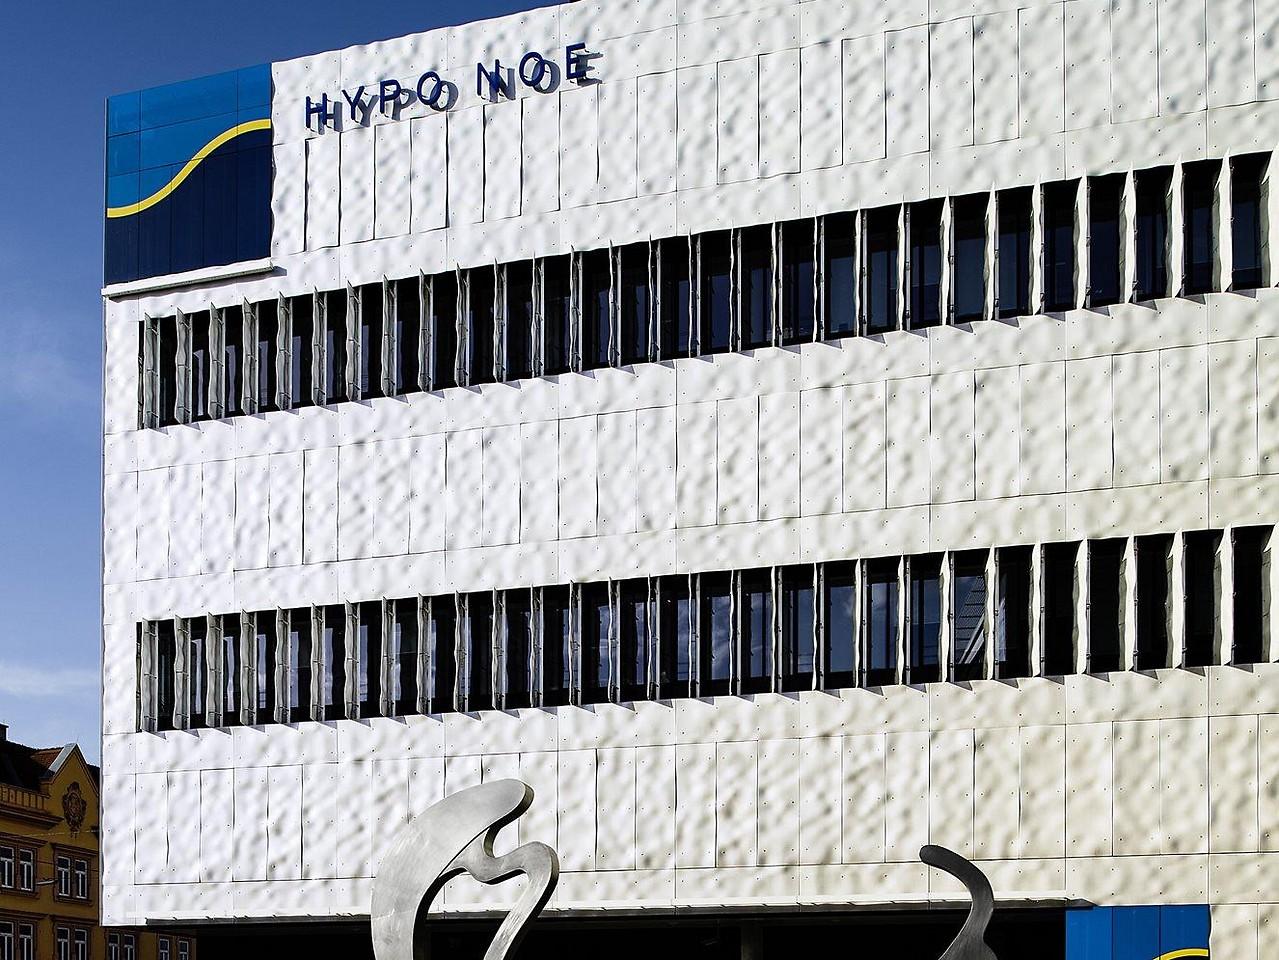 Hypo Noe